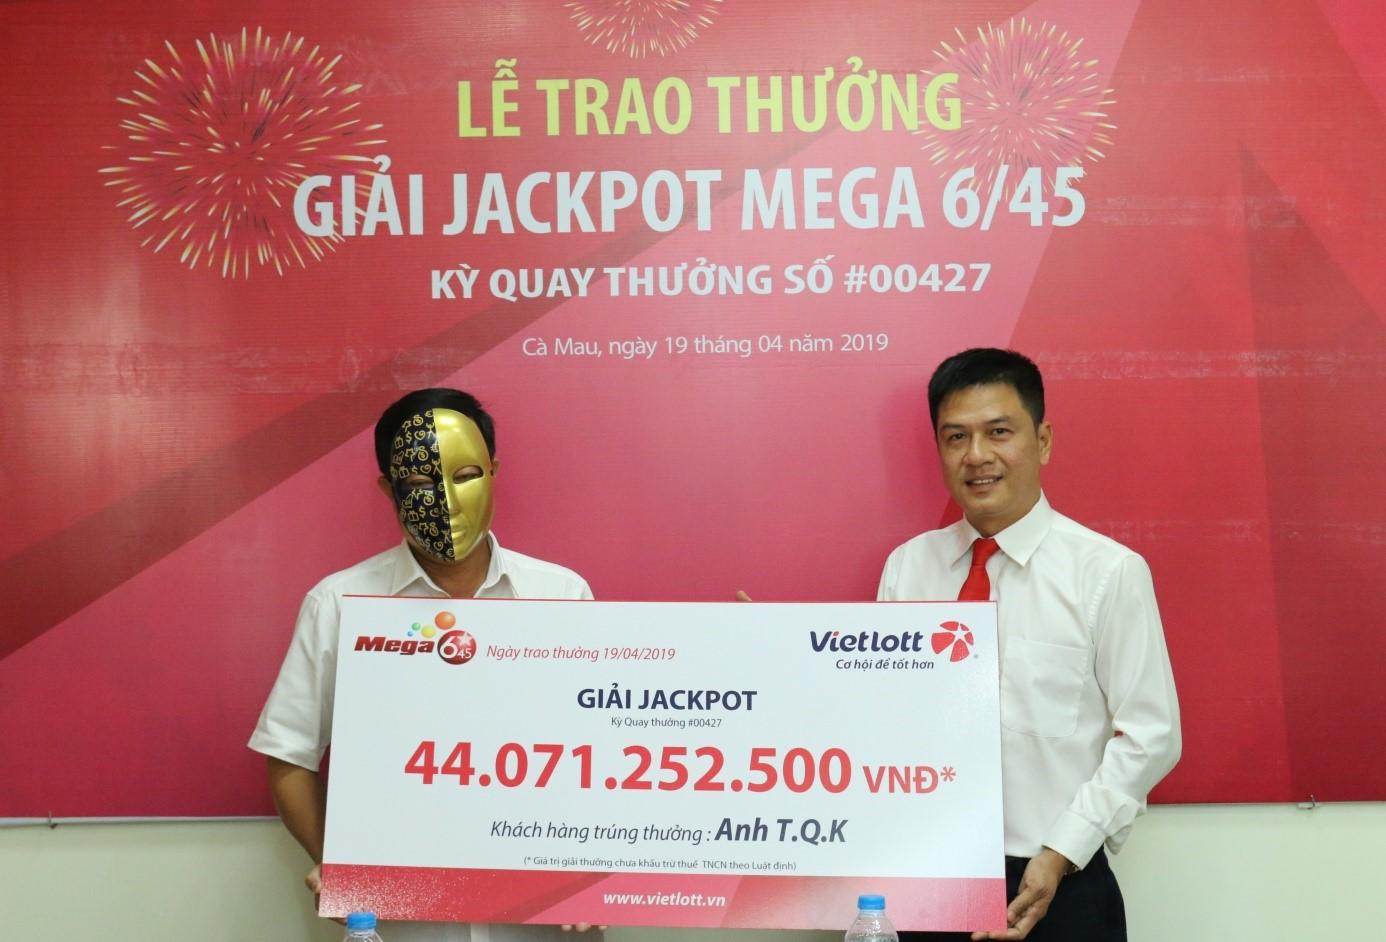 Khách hàng đến từ Cà Mau nhận giải Jackpot trị giá 44 tỷ đồng